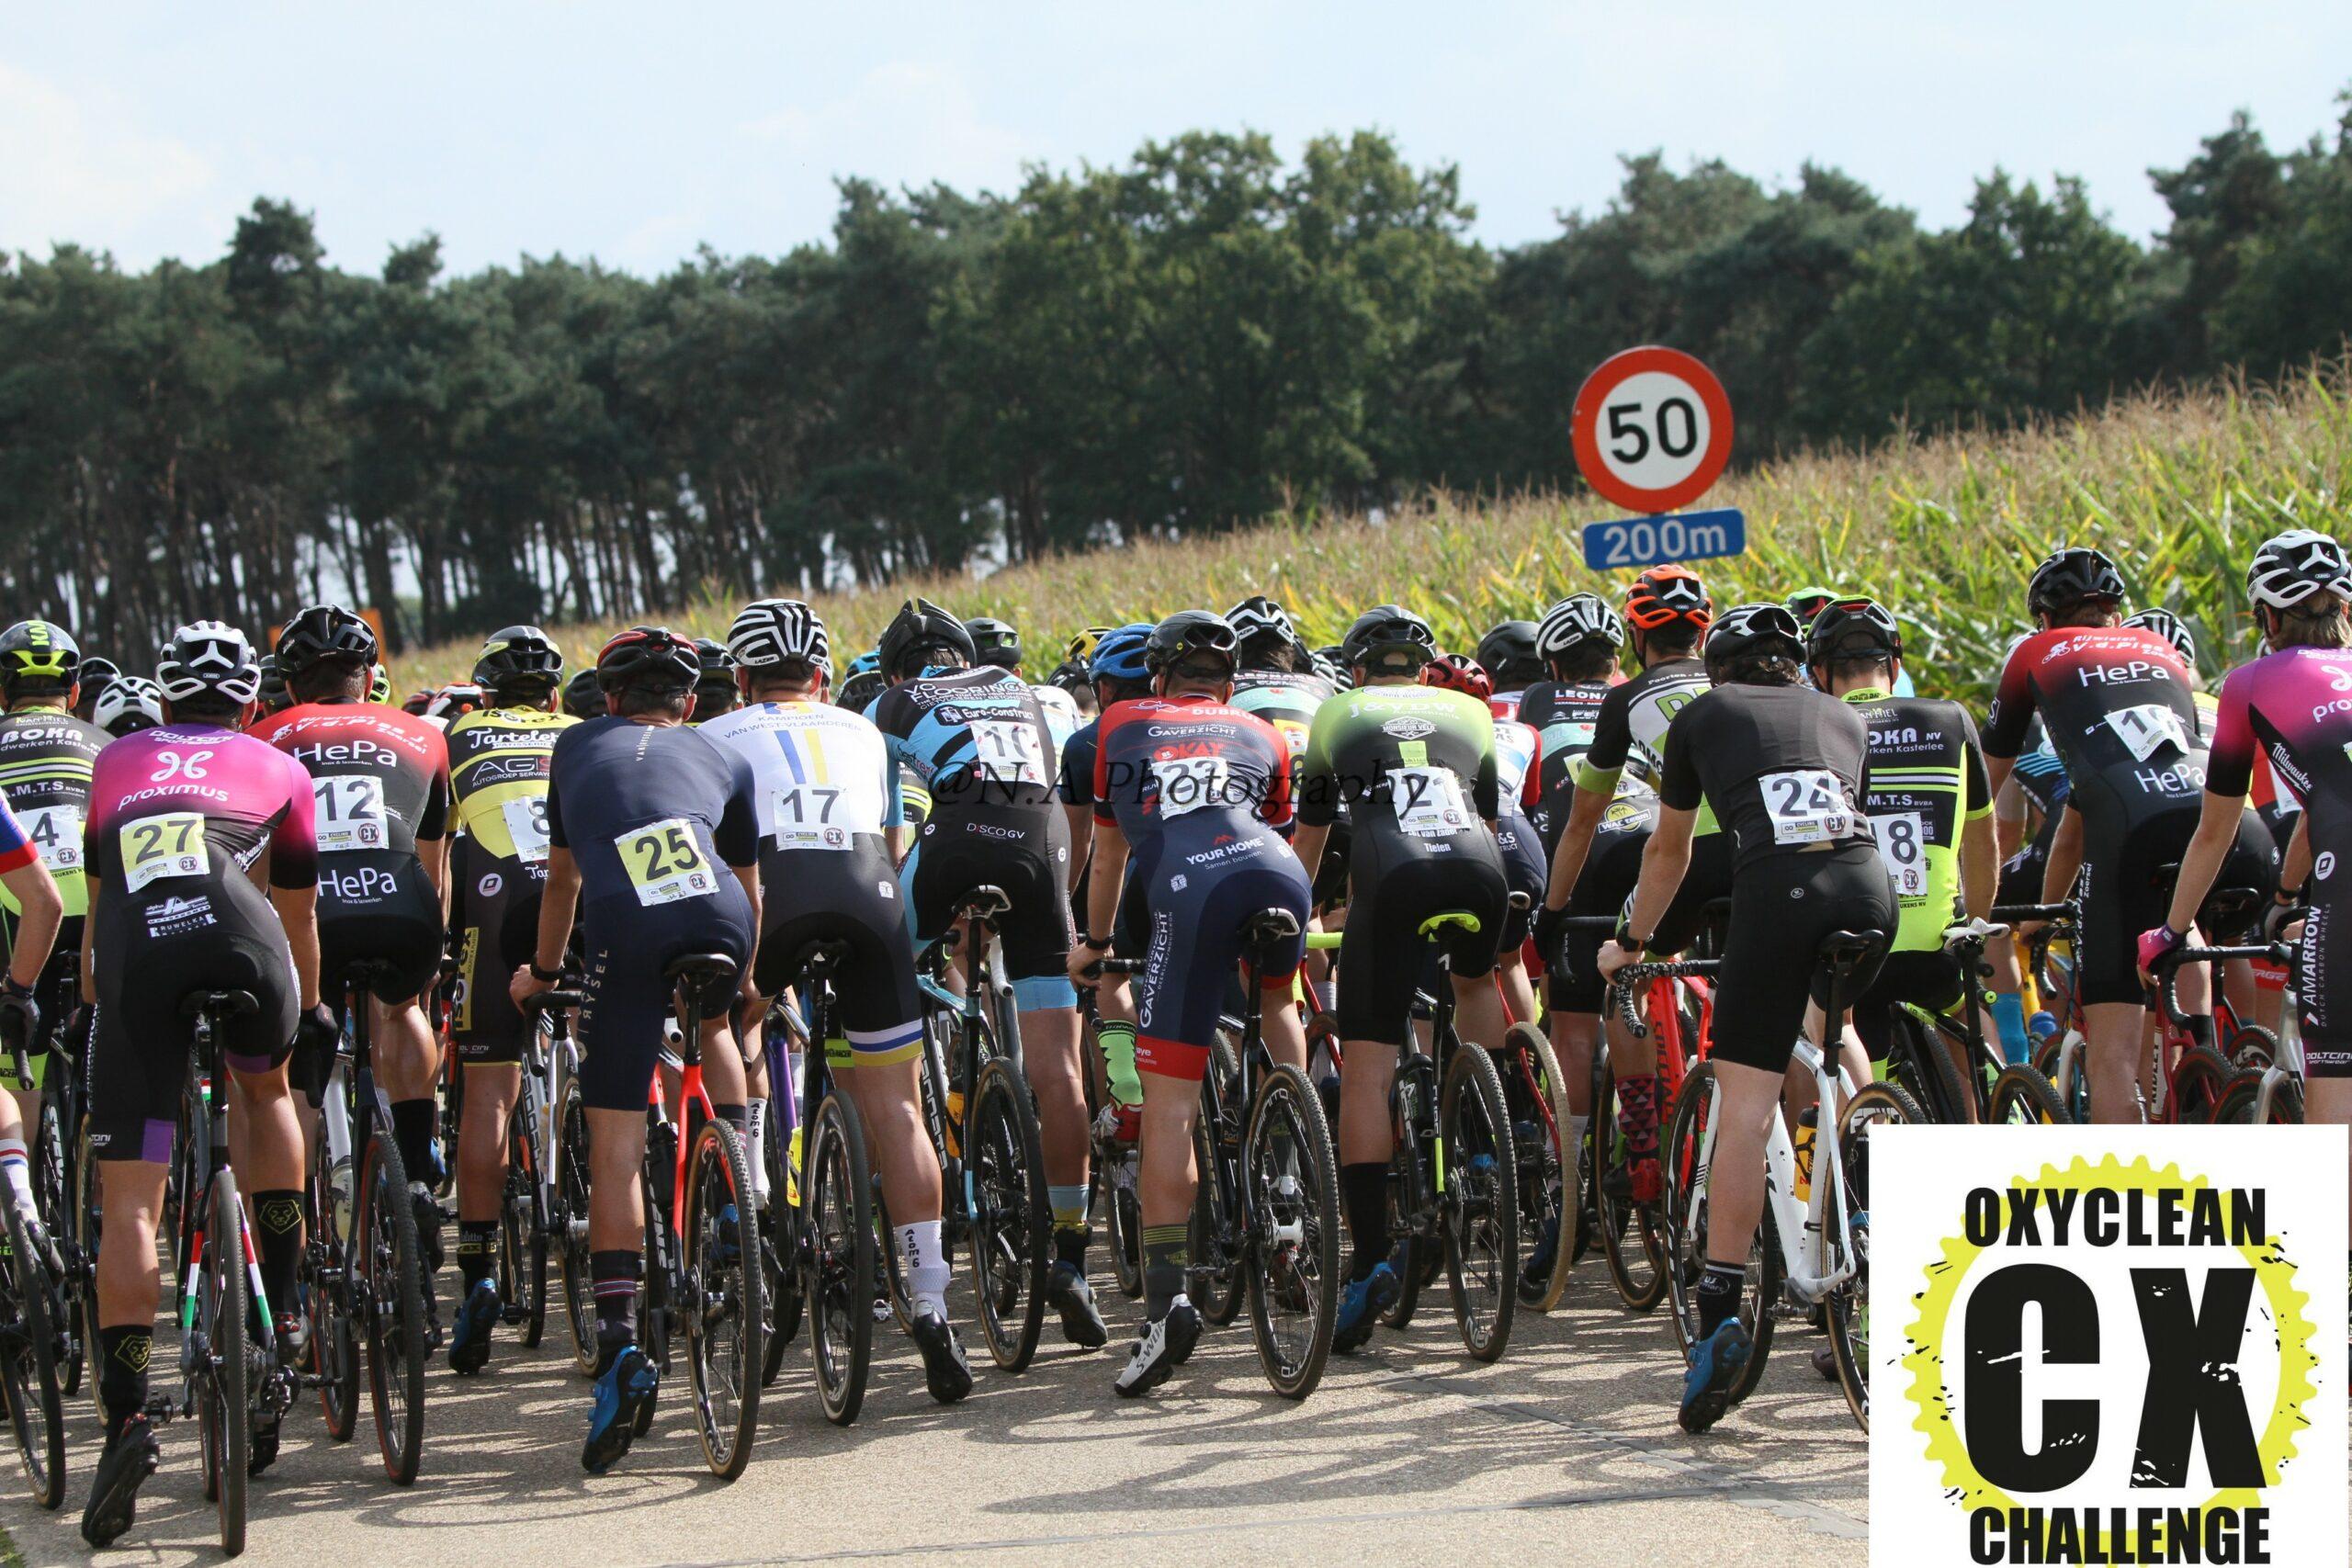 Mooie wedstrijd bij de U23-elites2-elites 3 in Wiekevorst met winst voor Sander De Vet